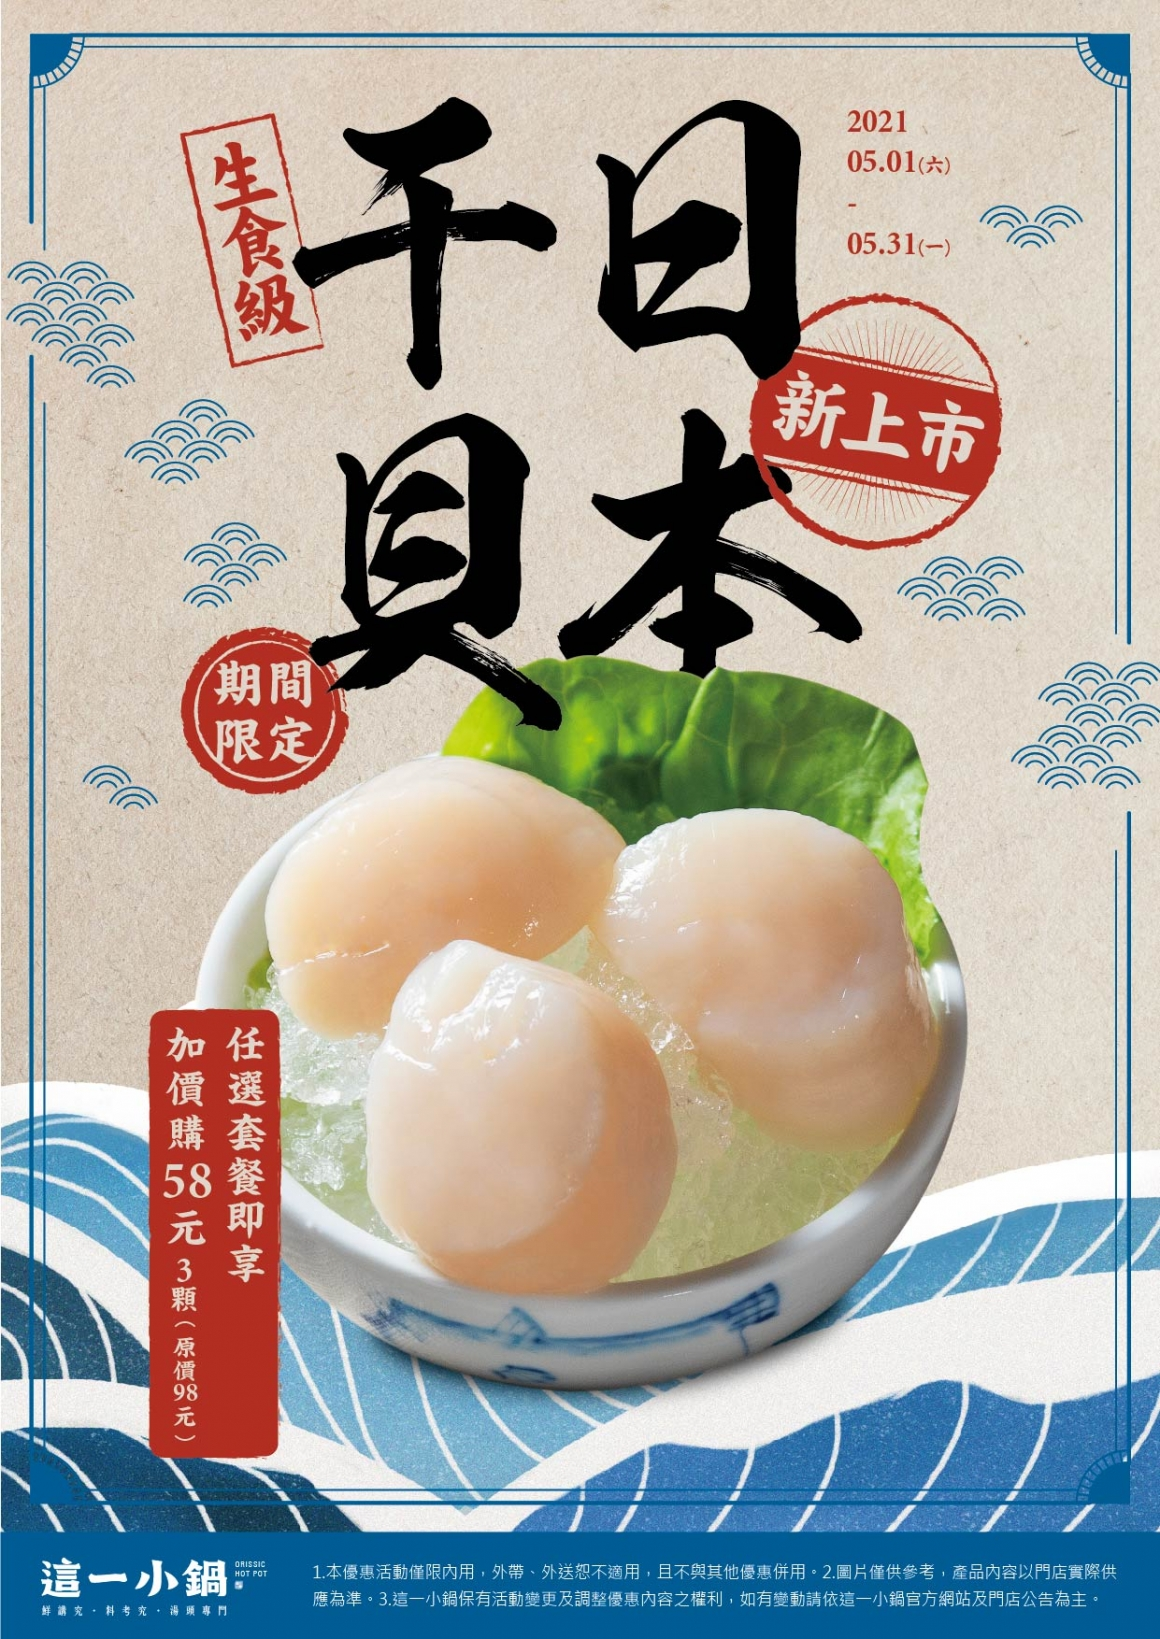 210419-這一小鍋-日本生食干貝-A4-2_工作區域 1 複本